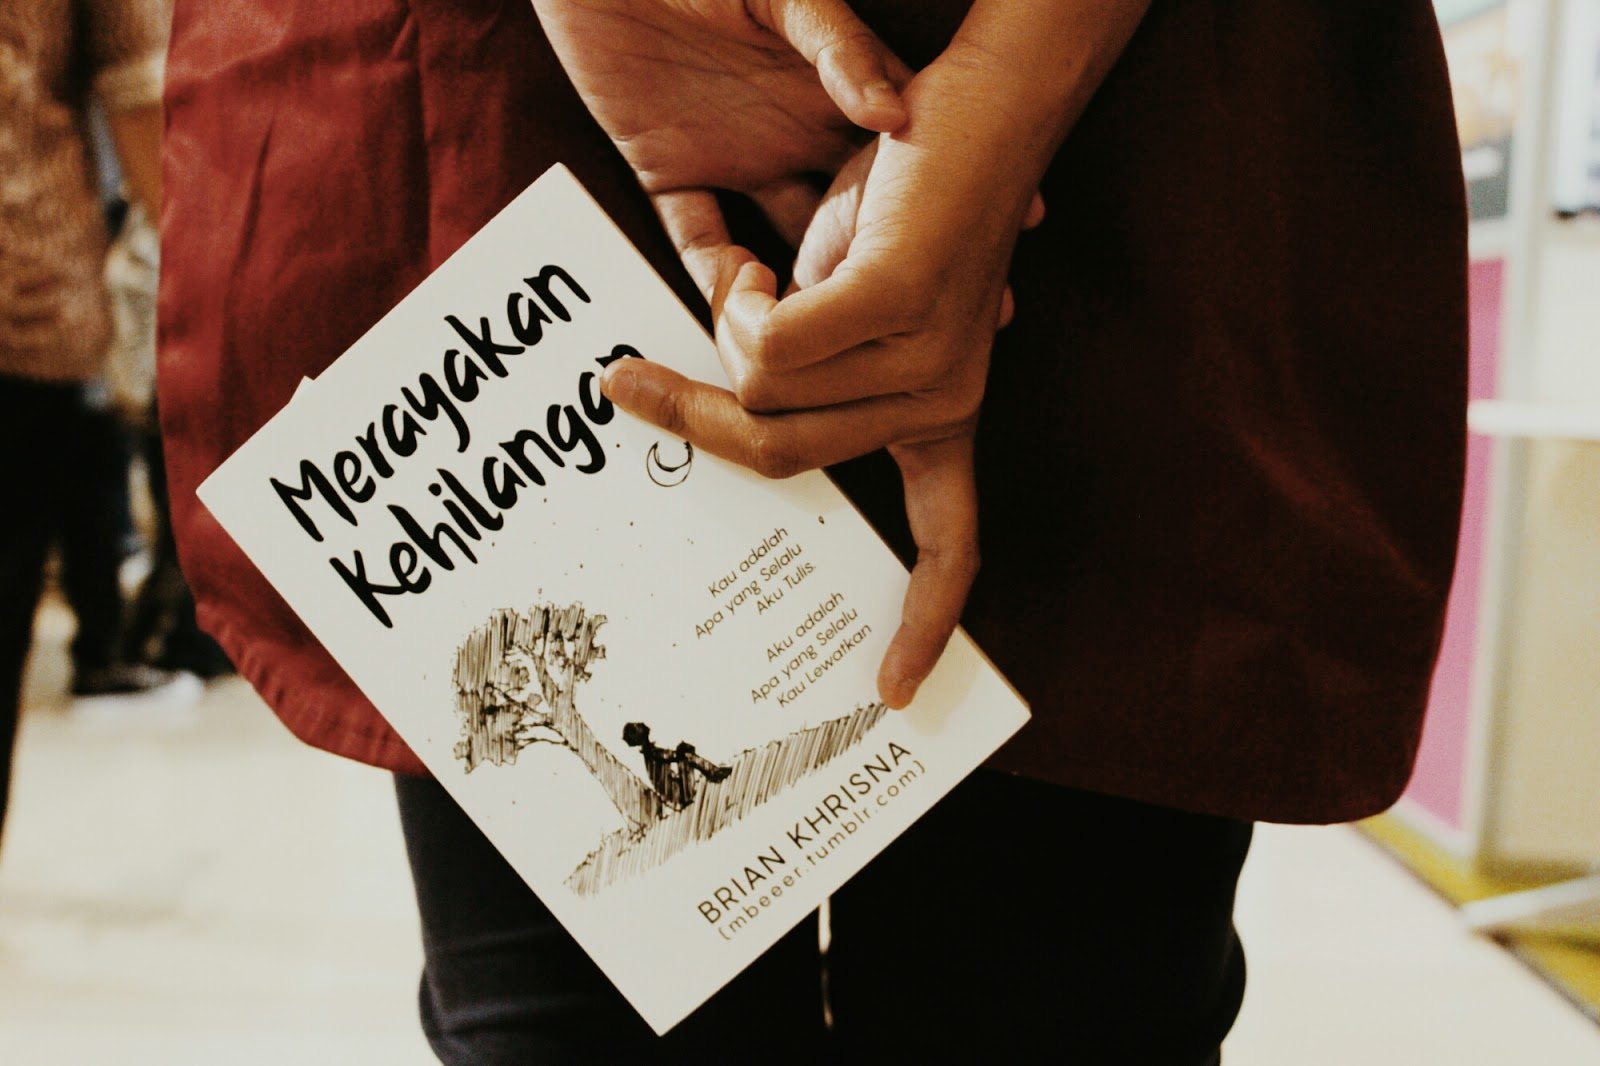 kata kata cinta, puisi cinta, kata mesra, kata romantis, merayakan kehilangan, puisi cinta, puisi patah hati